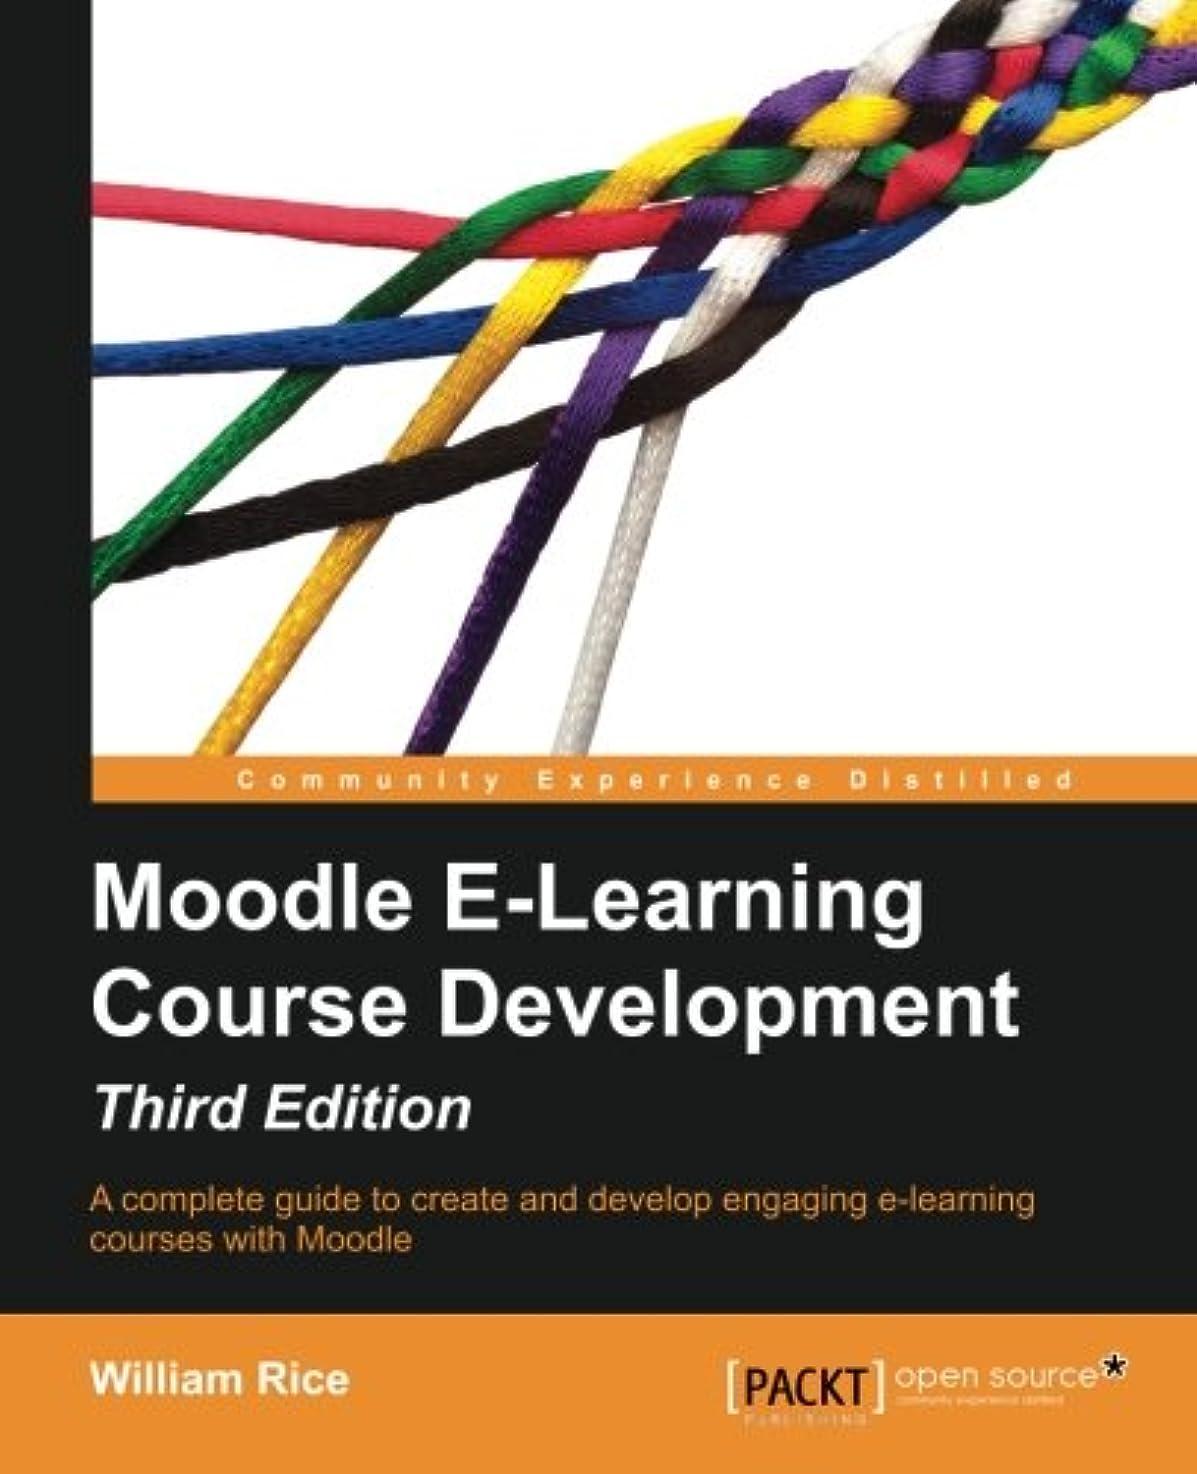 スワップ動かない本体Moodle E-Learning Course Development: A Complete Guide to Create and Develop e-Learing Courses With Moodle